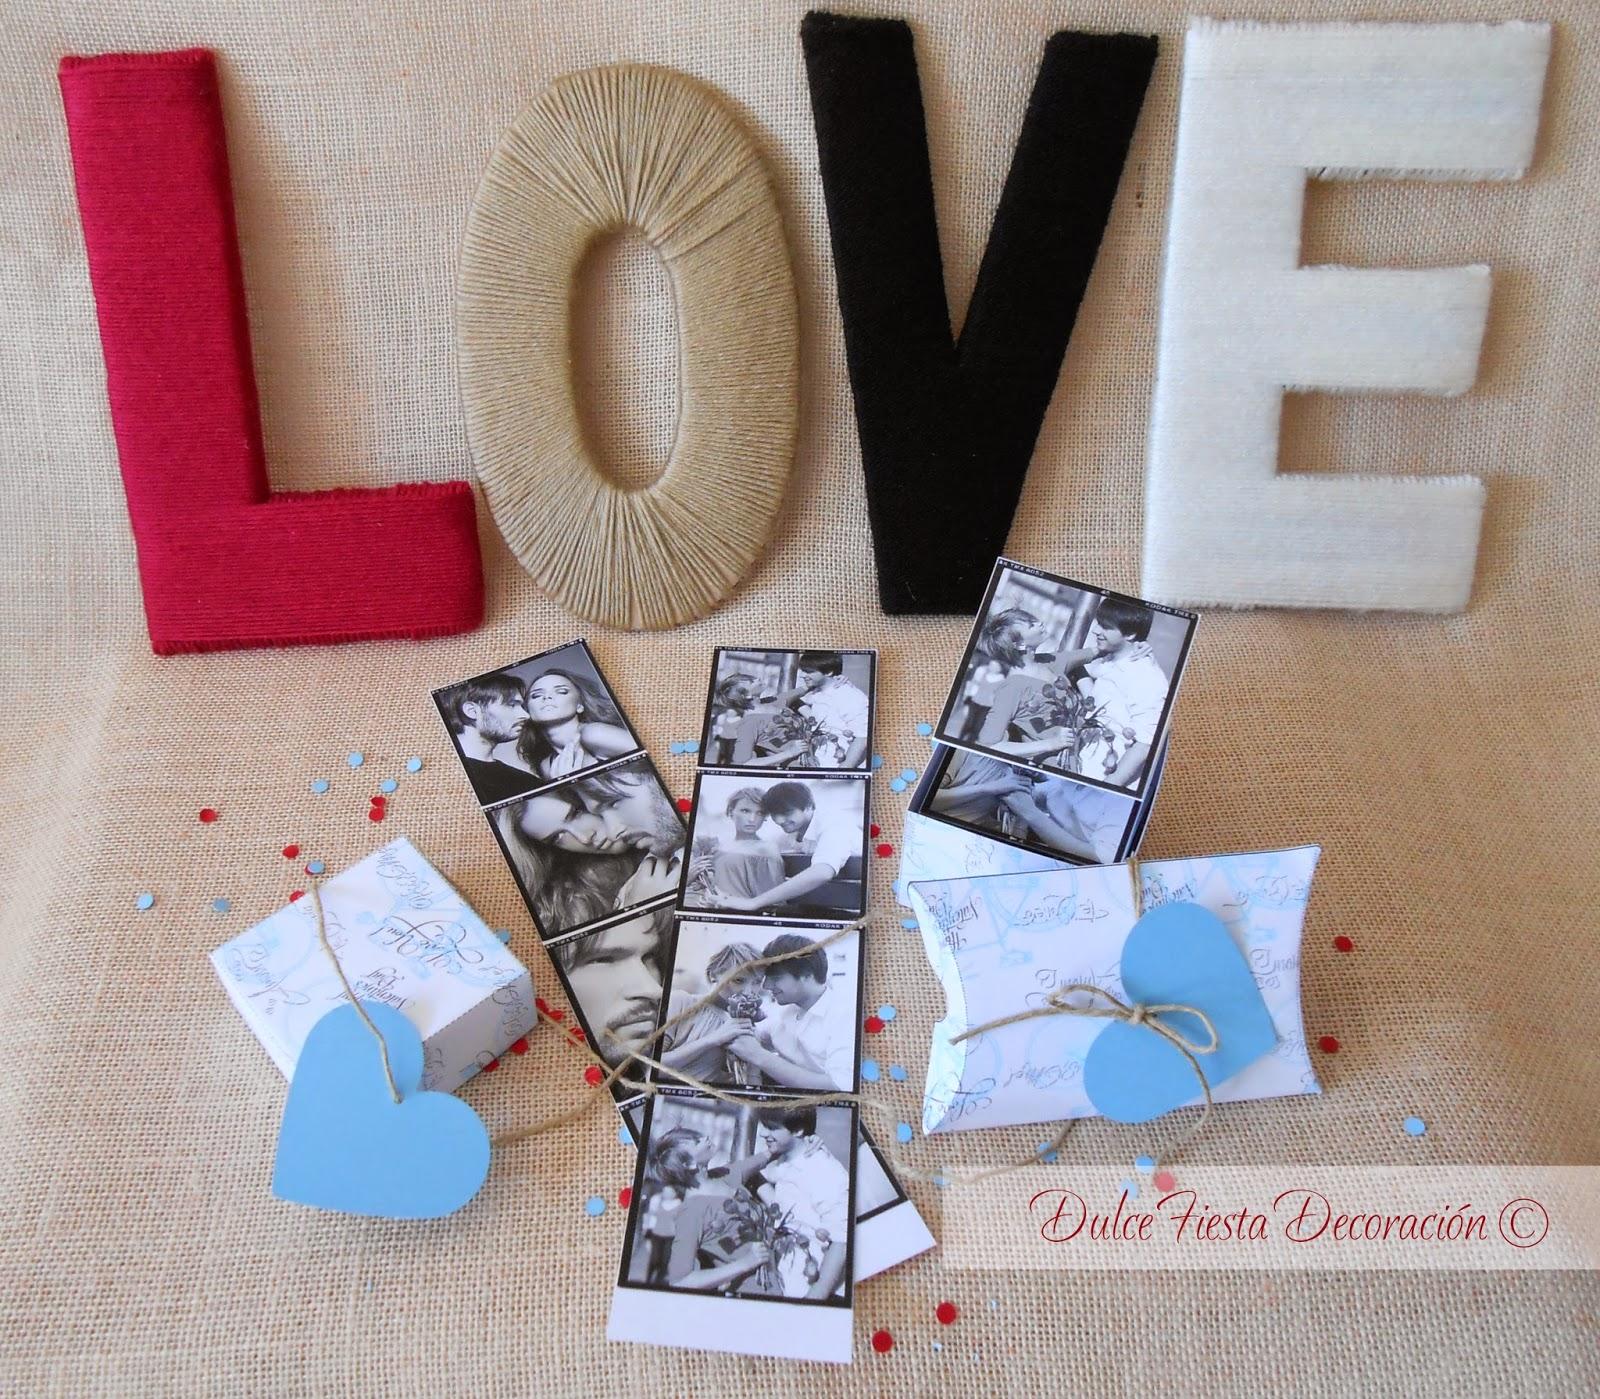 Imagenes De Regalos Para San Valentin - 10 ideas de regalos para hombres en san valentin